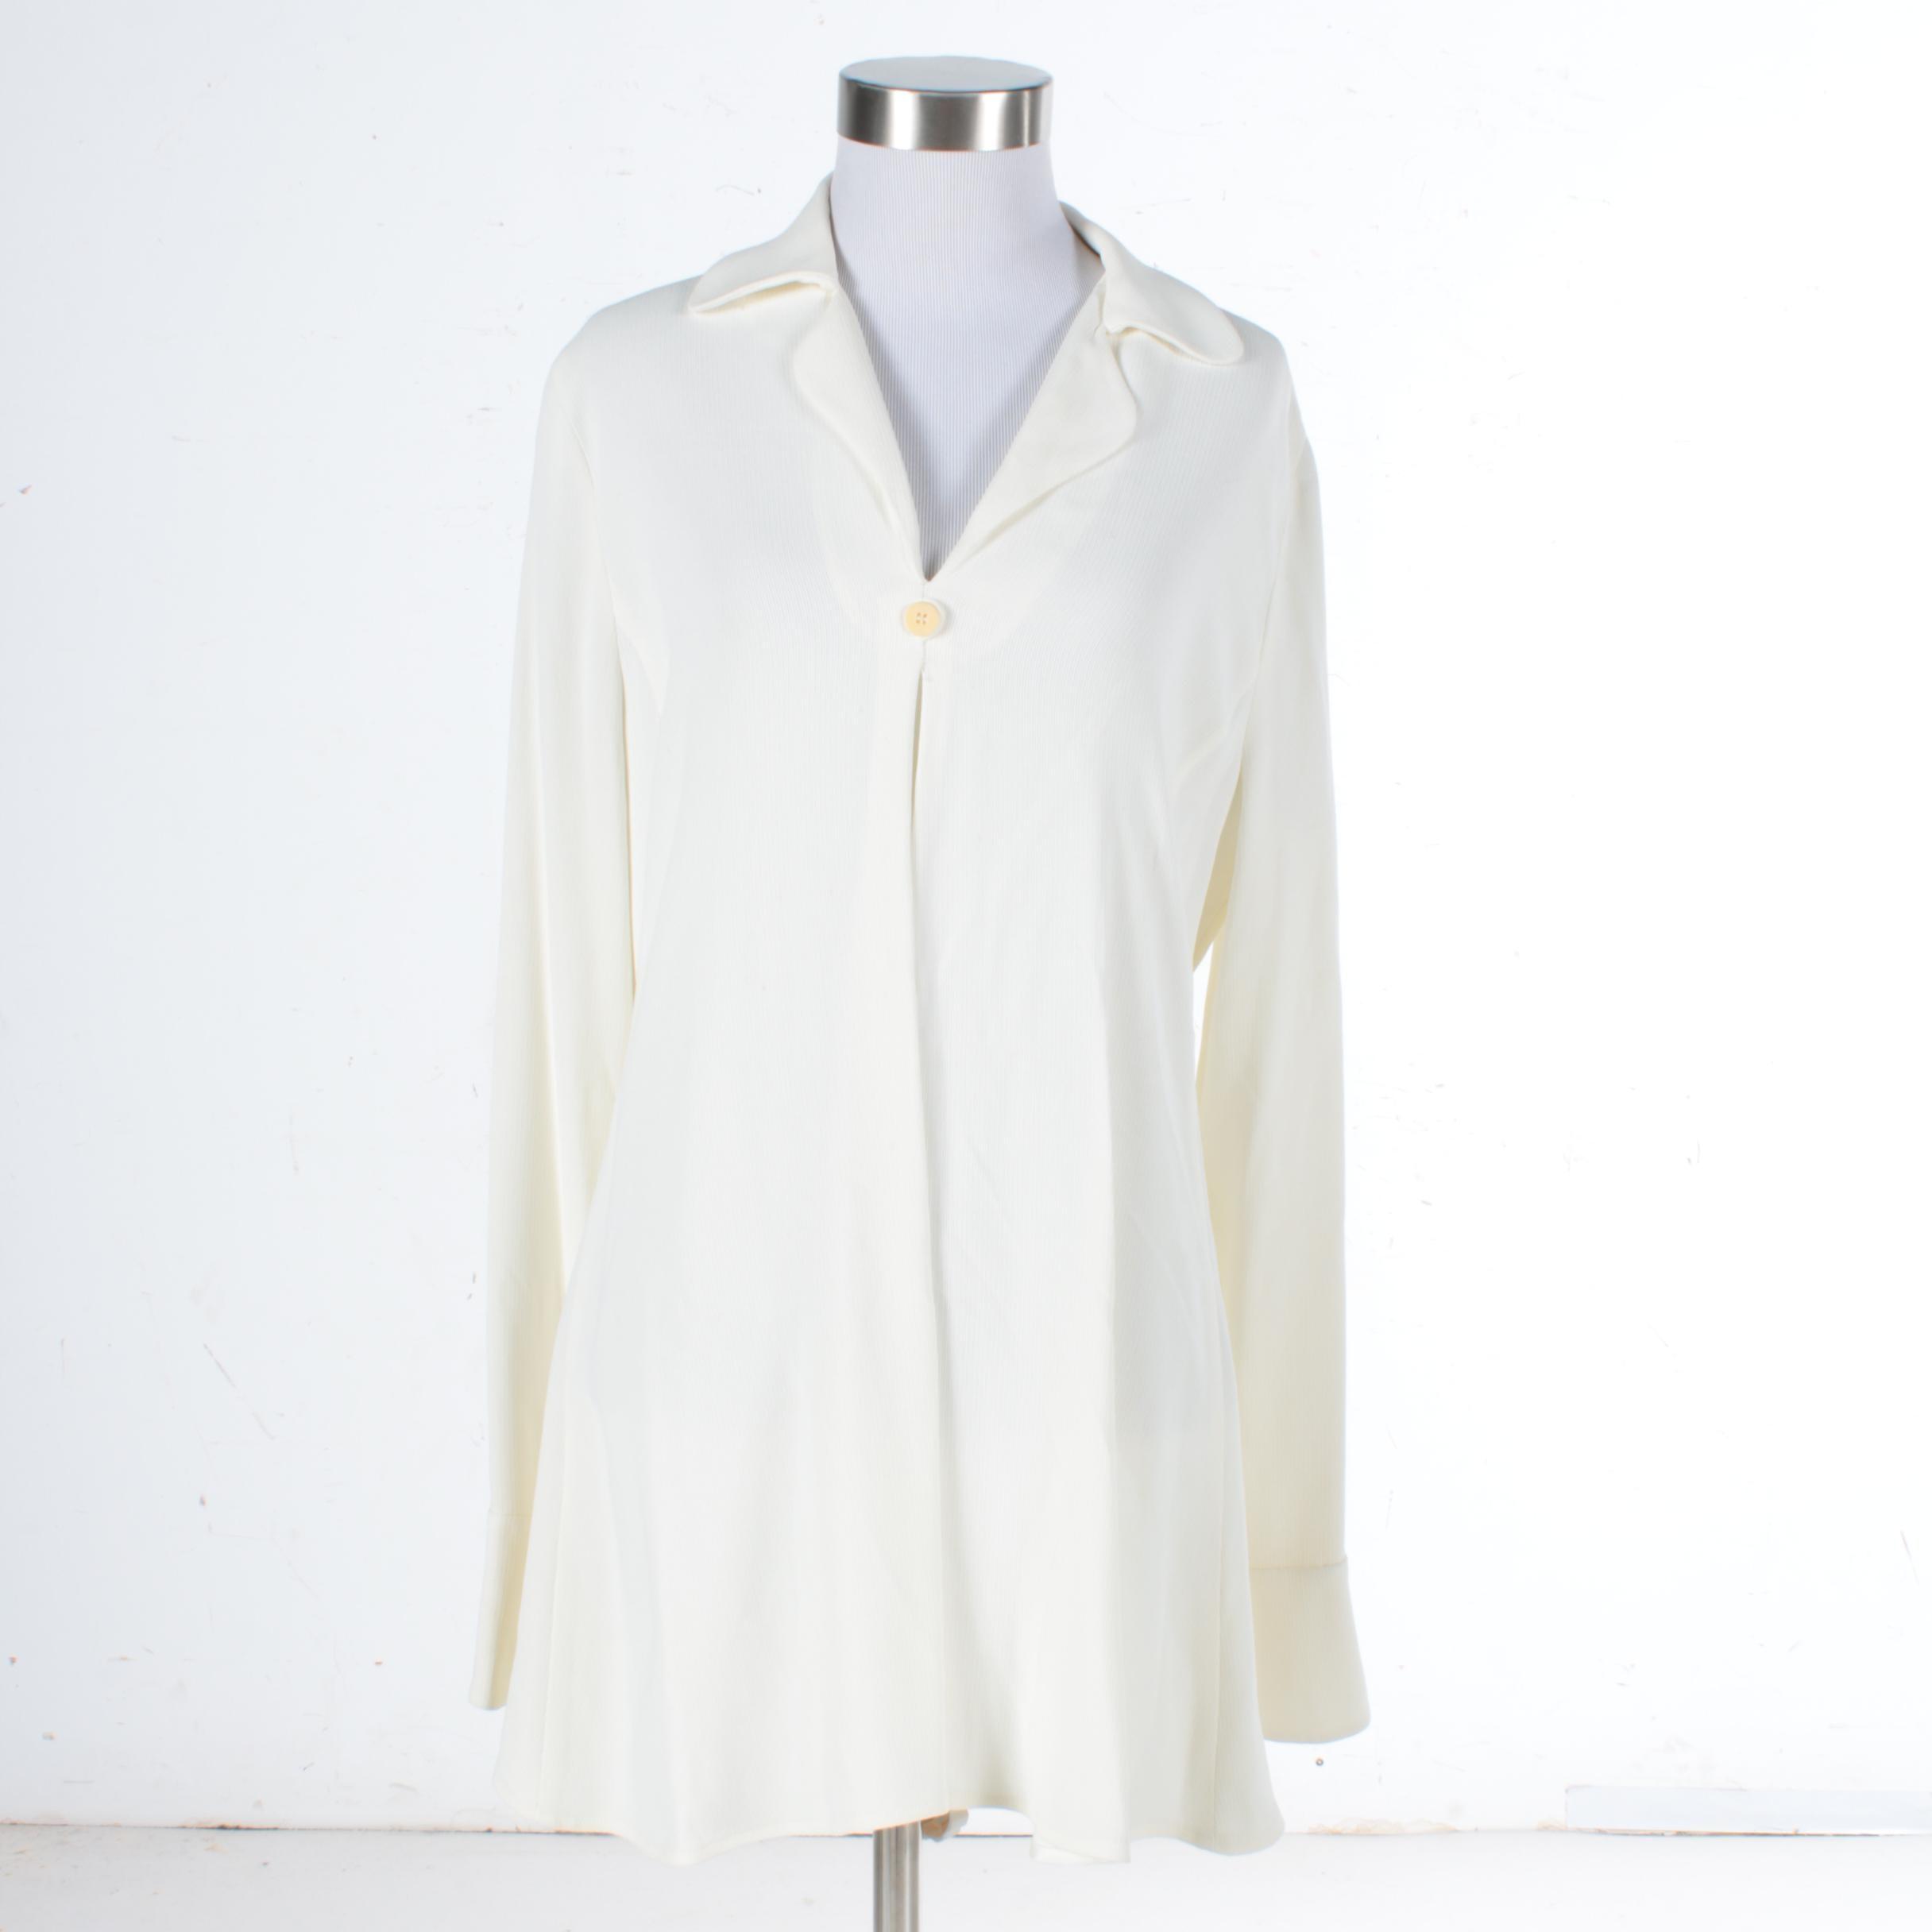 Giorgio Armani Cream Dress Shirt